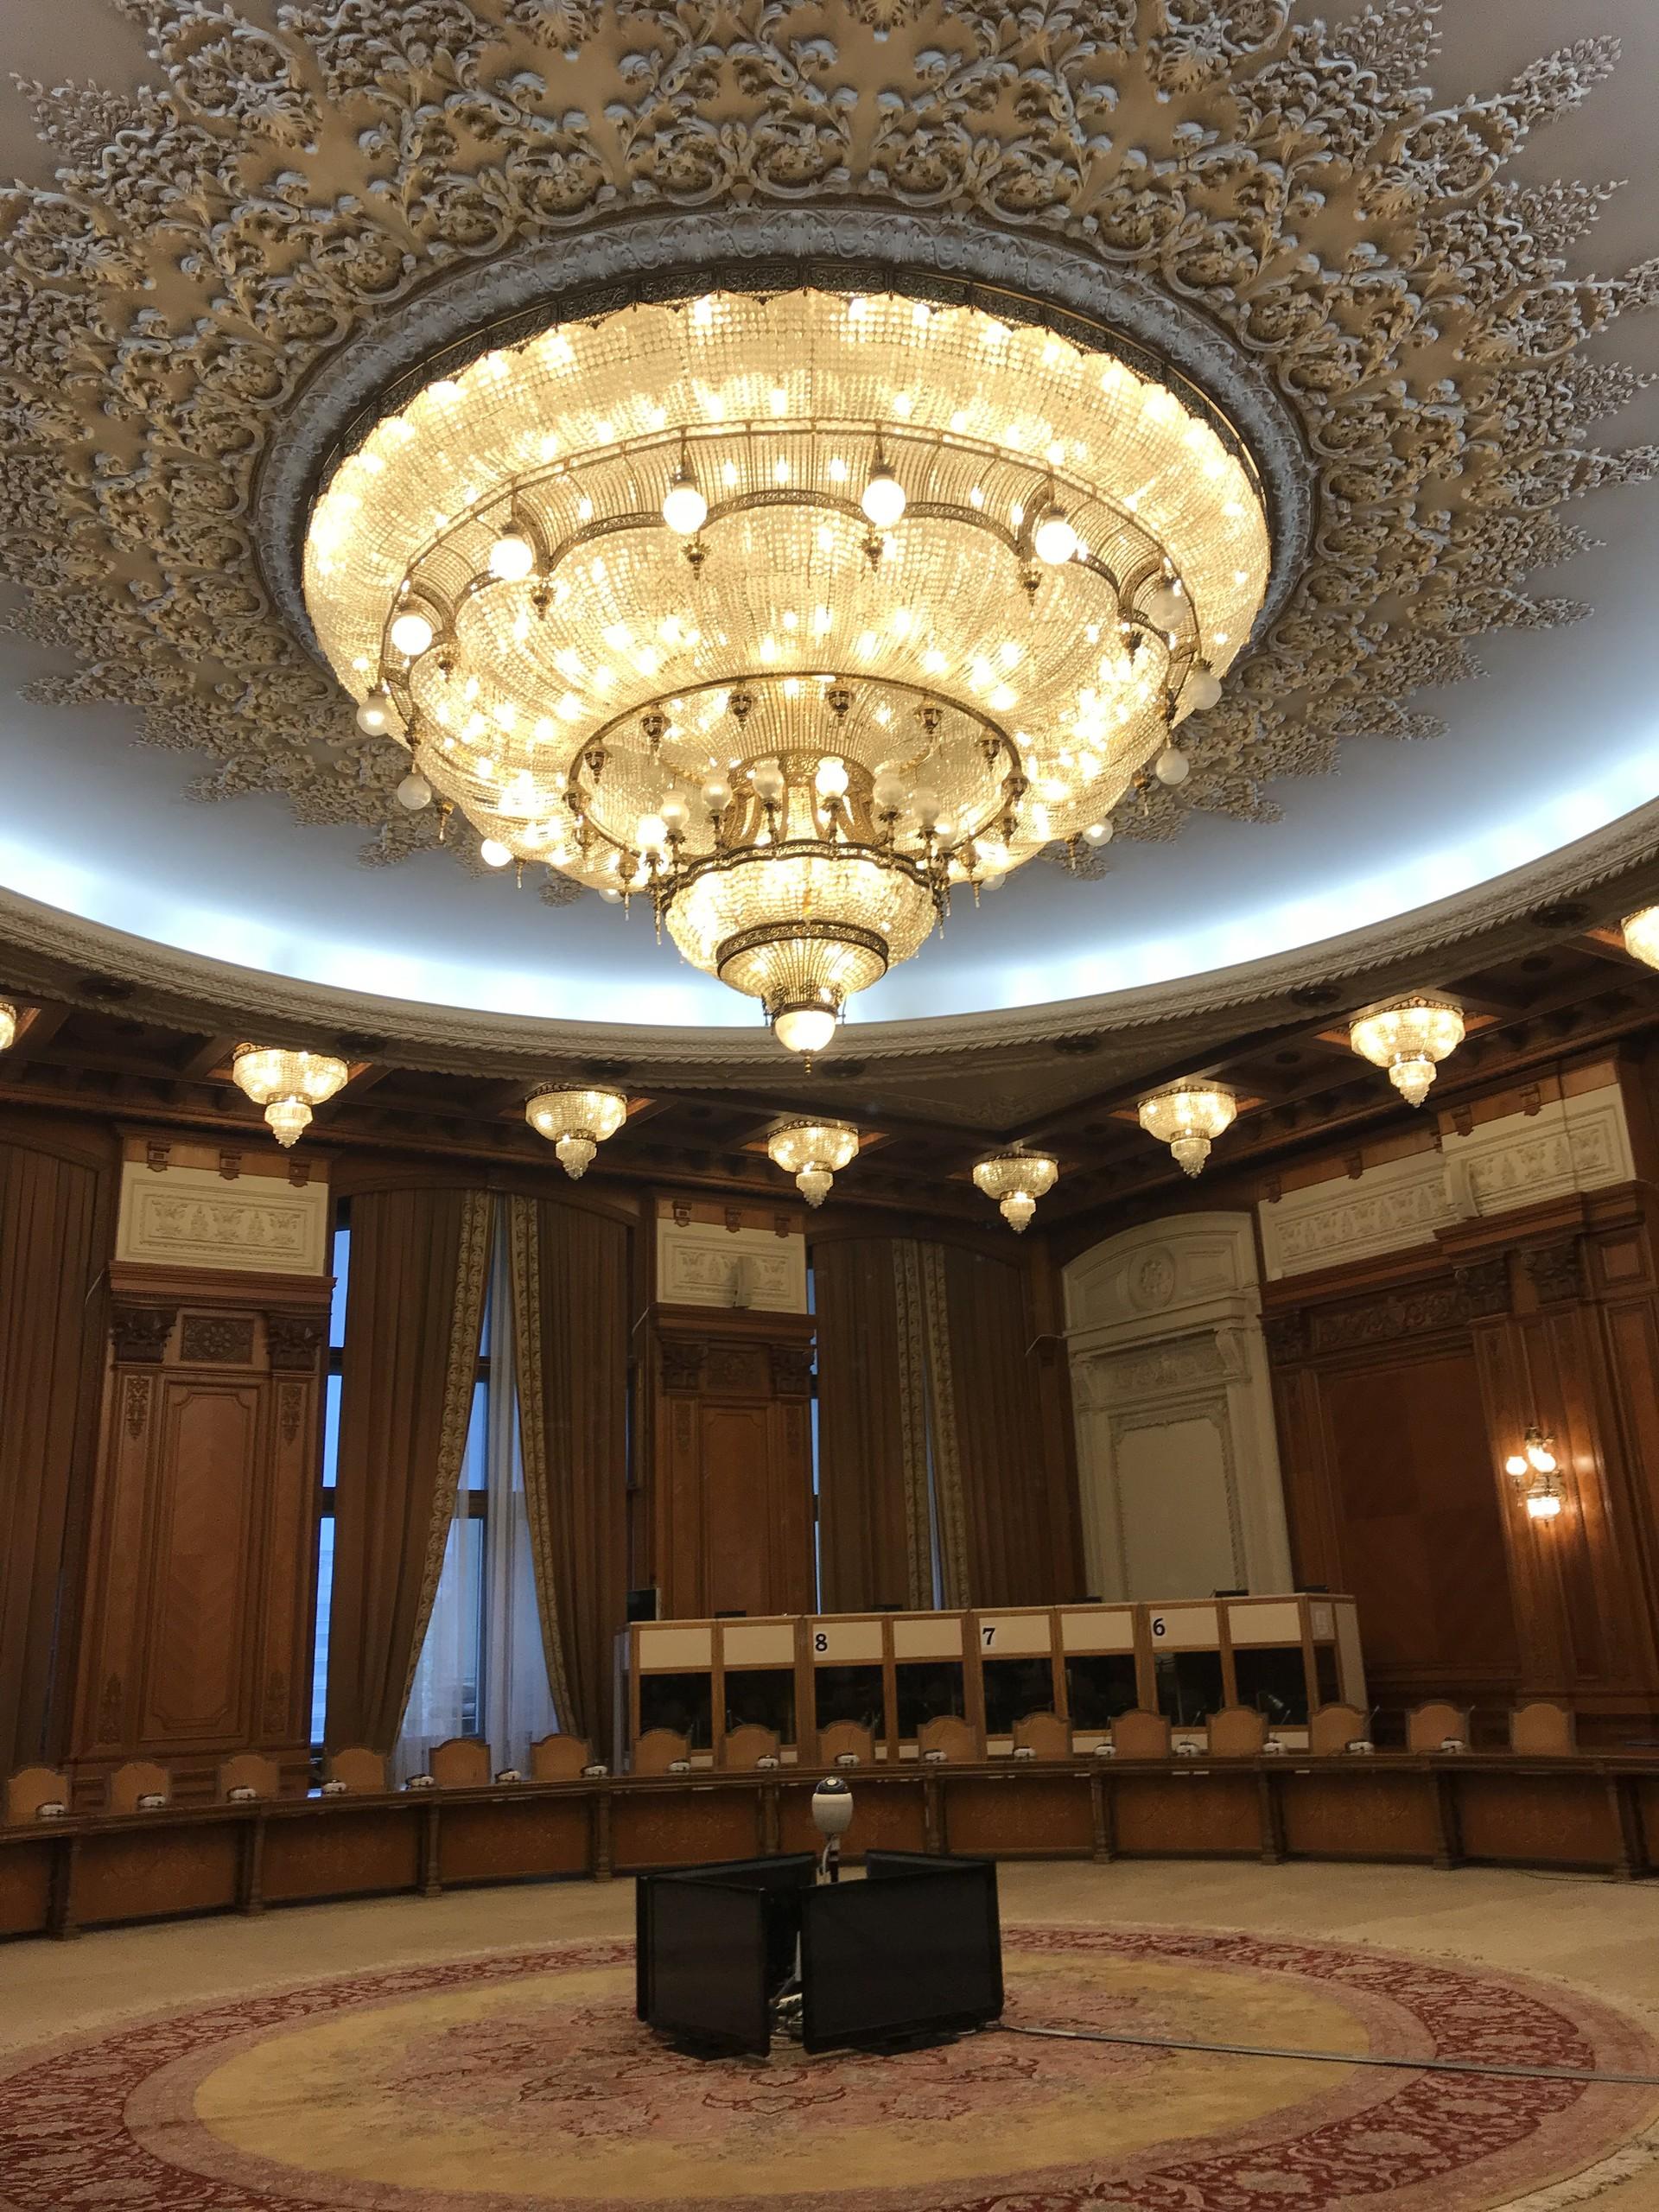 visita-palazzo-parlamento-6923fbdc17aa1e